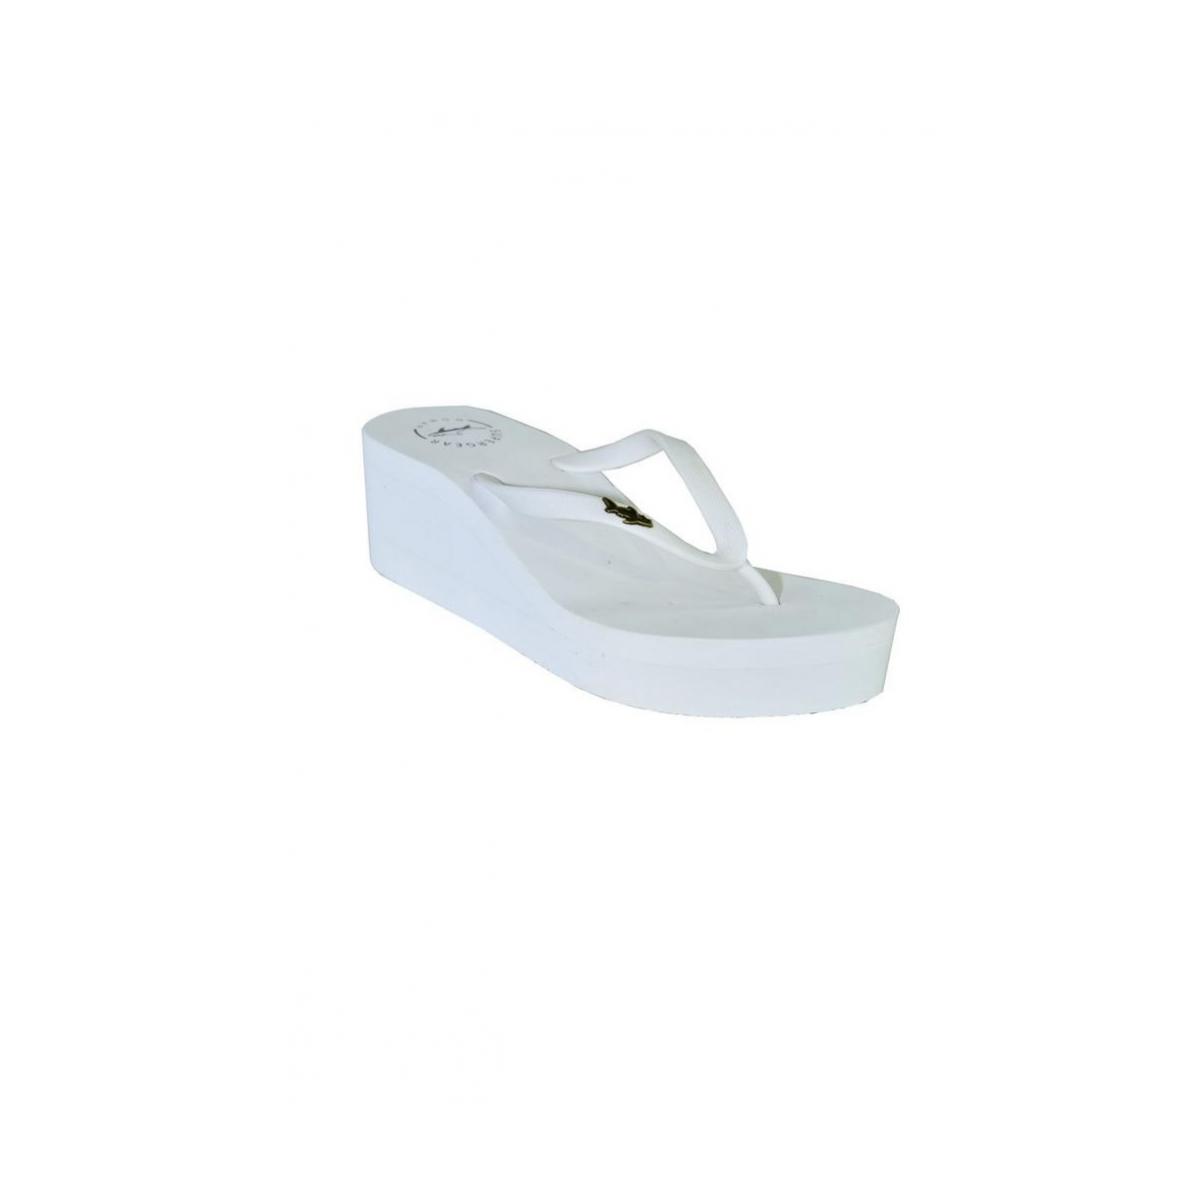 dd7a2054618c6 Biele šľapky na platforme AVIAN   Johnc.sk